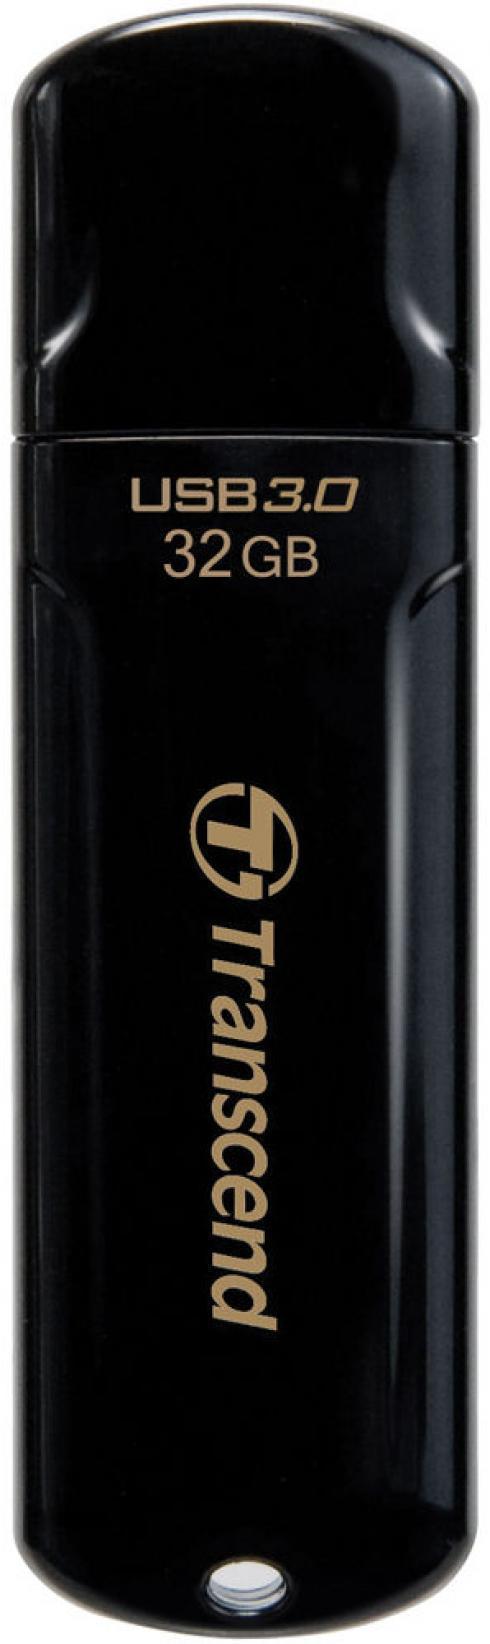 USB флэш накопитель Transcend JetFlash 370 USB 2.0 33MB/s 32Gb белый (TS32GJF370)USB-Flash<br>USB флэш накопитель Transcend JetFlash 370 USB 2.0 33MB/s 32Gb белый (TS32GJF370)<br>